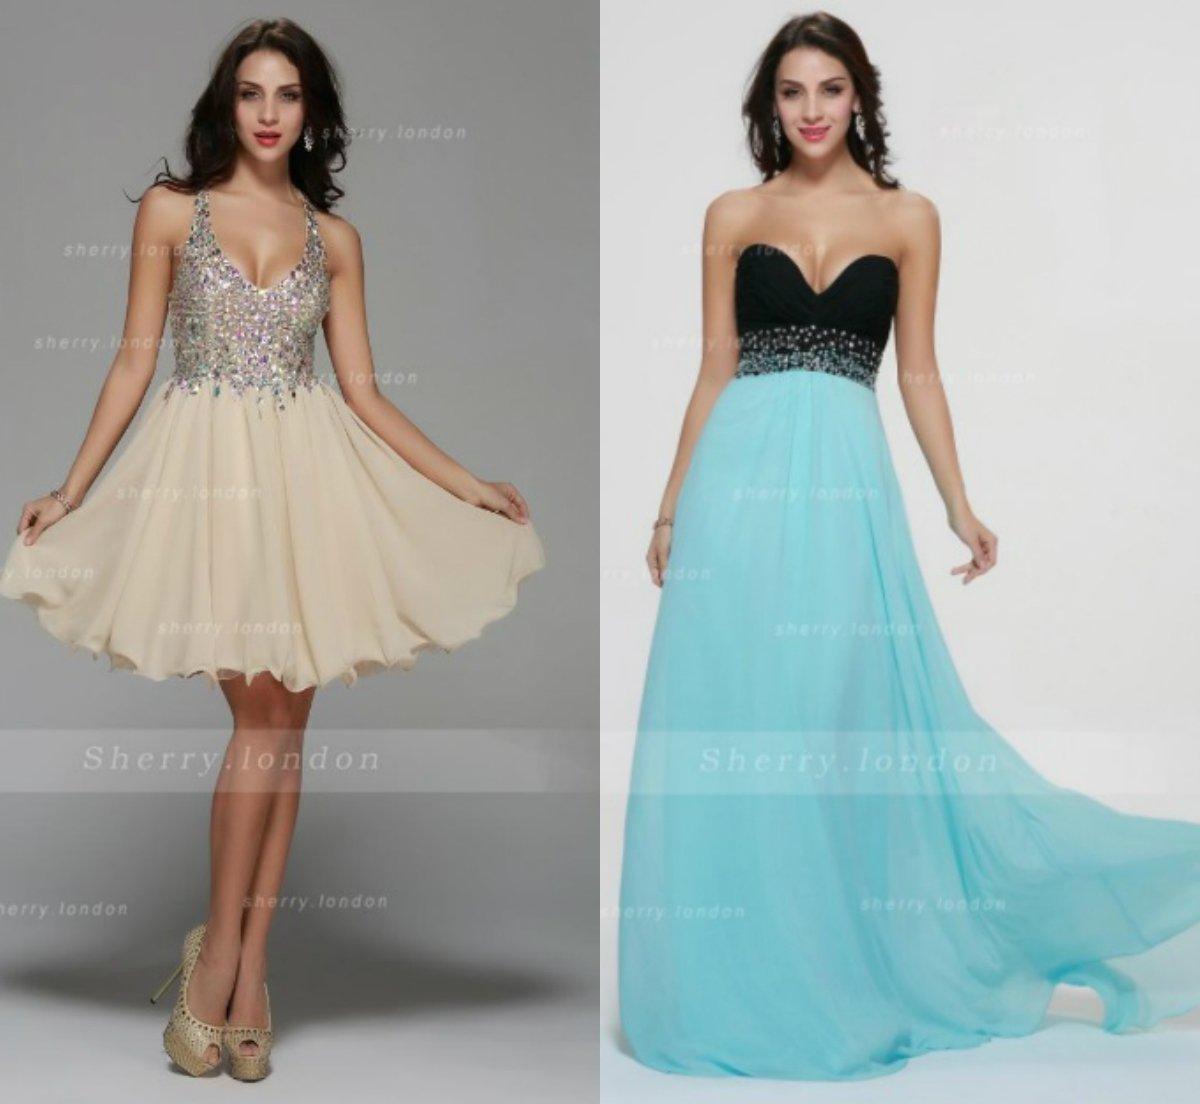 przecenione-sukienki.jpg